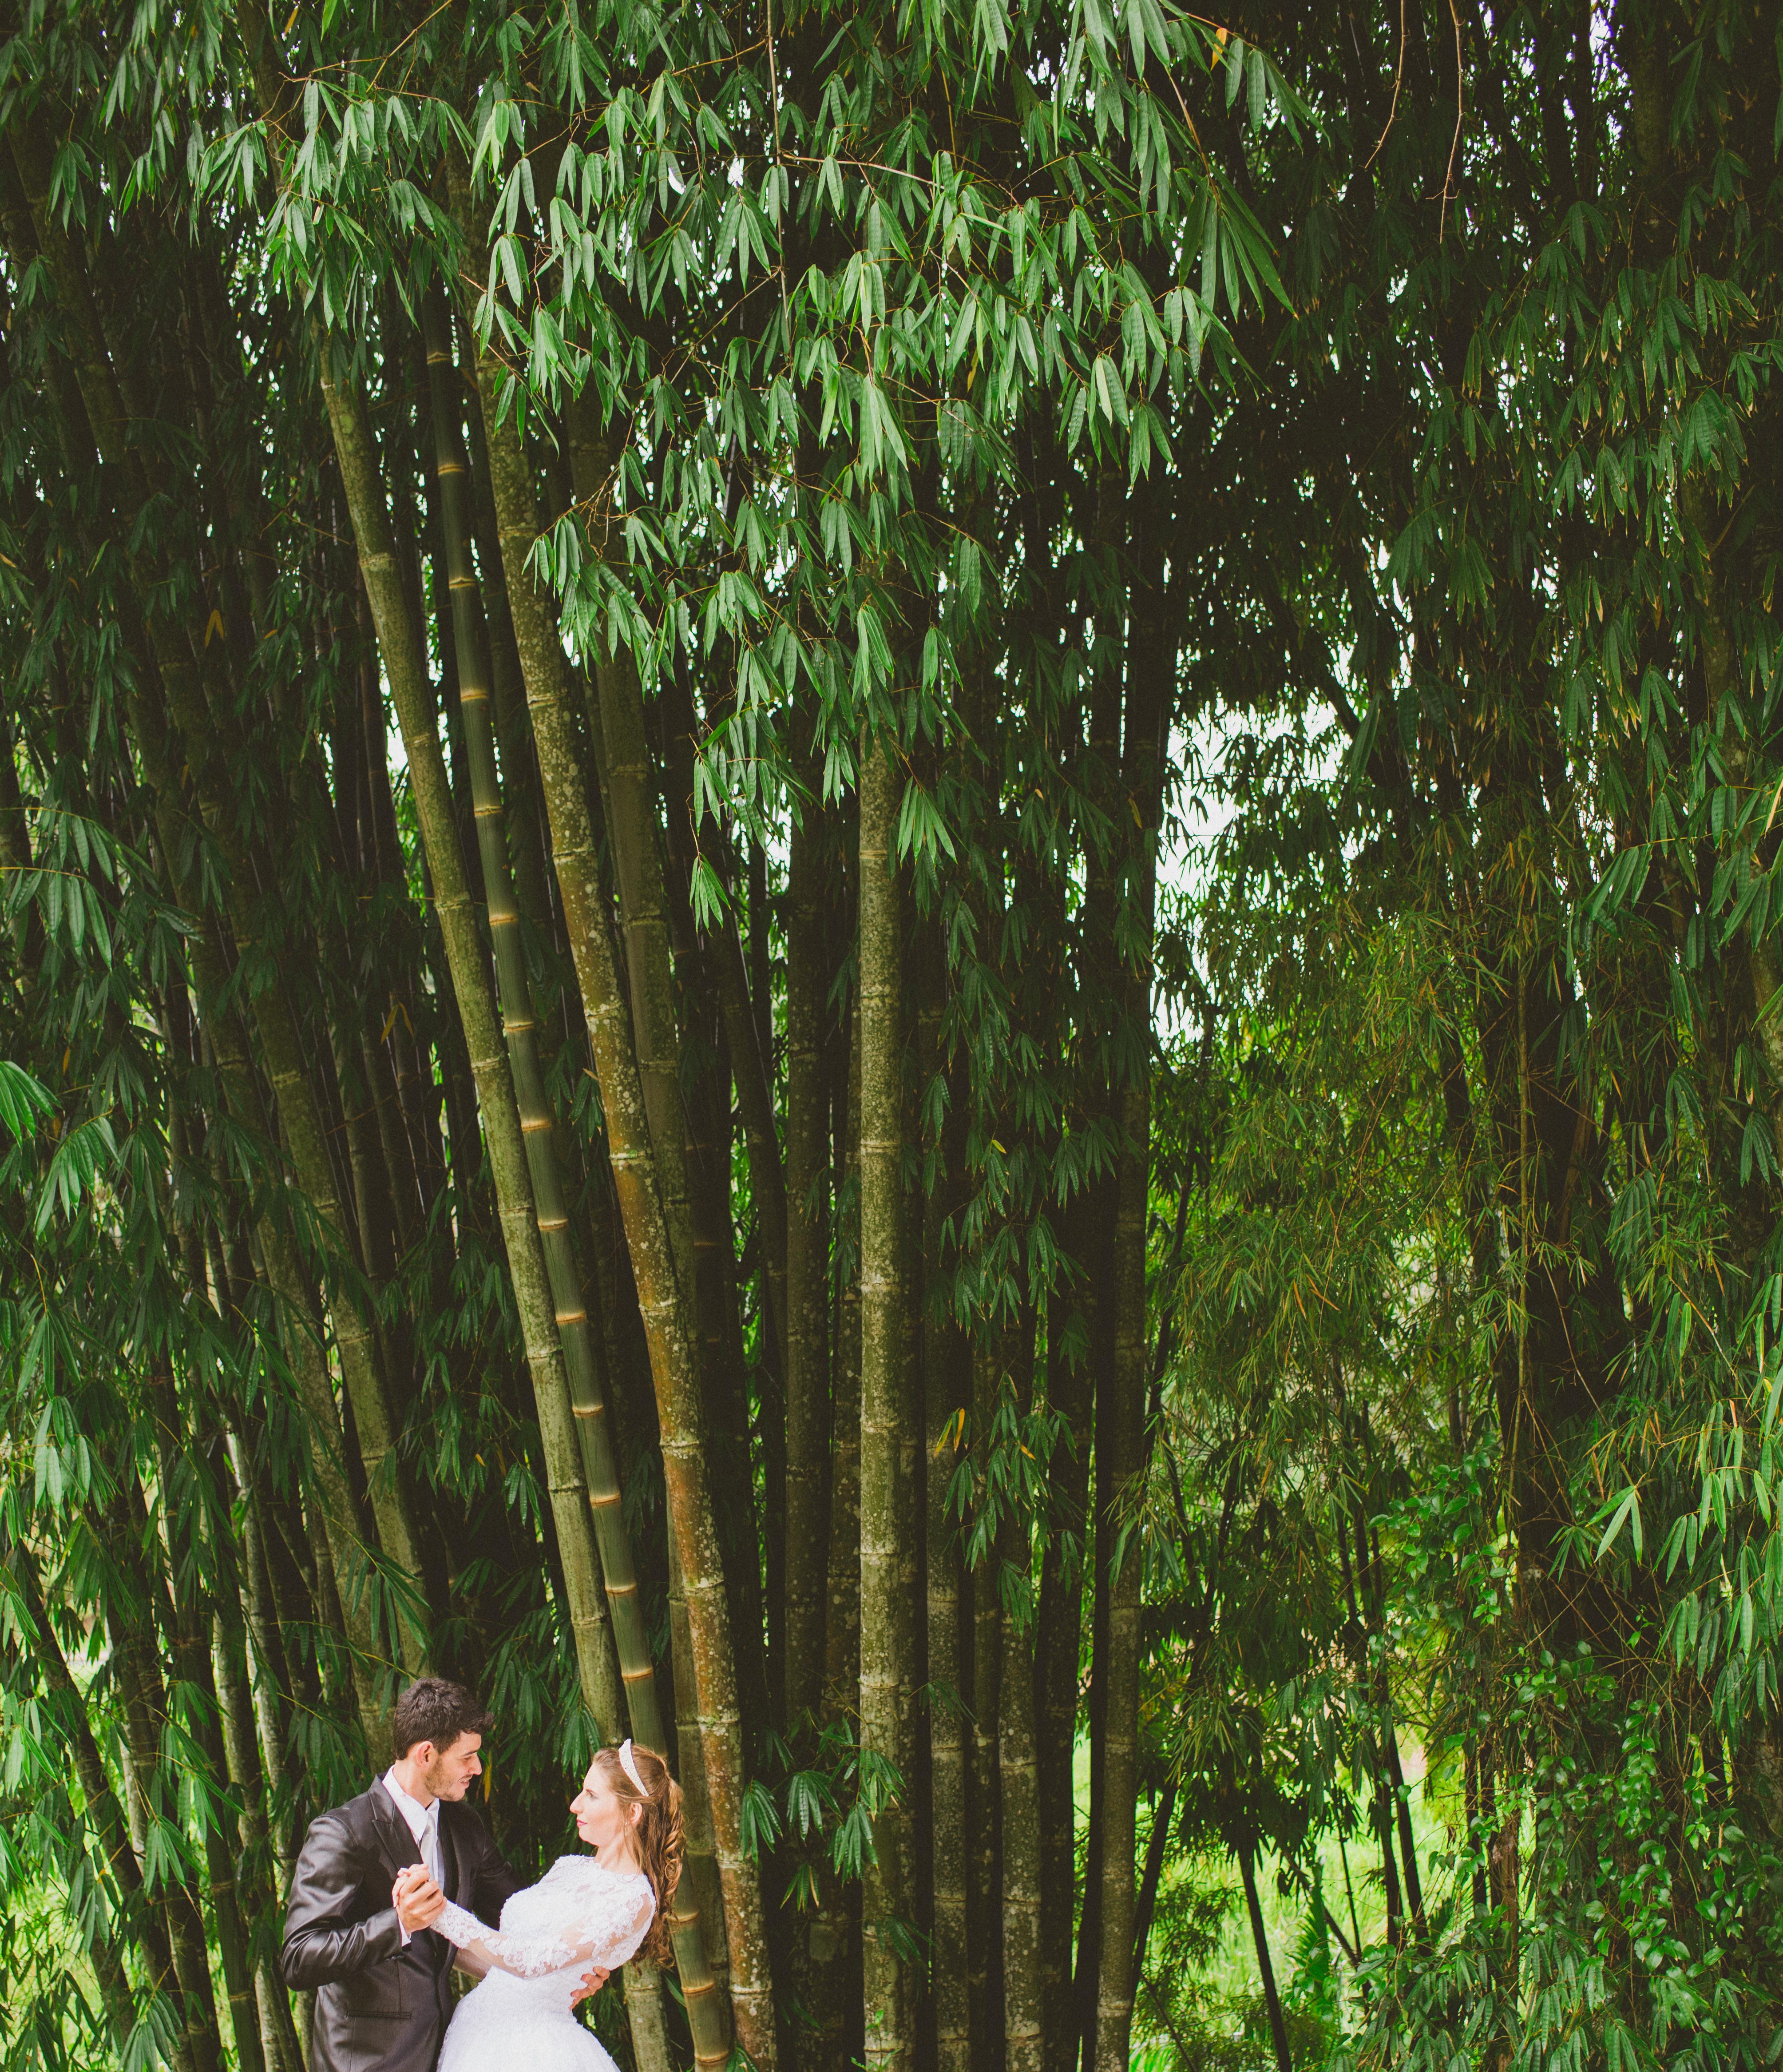 Find a Click fotografia de casamento cariacica es-403